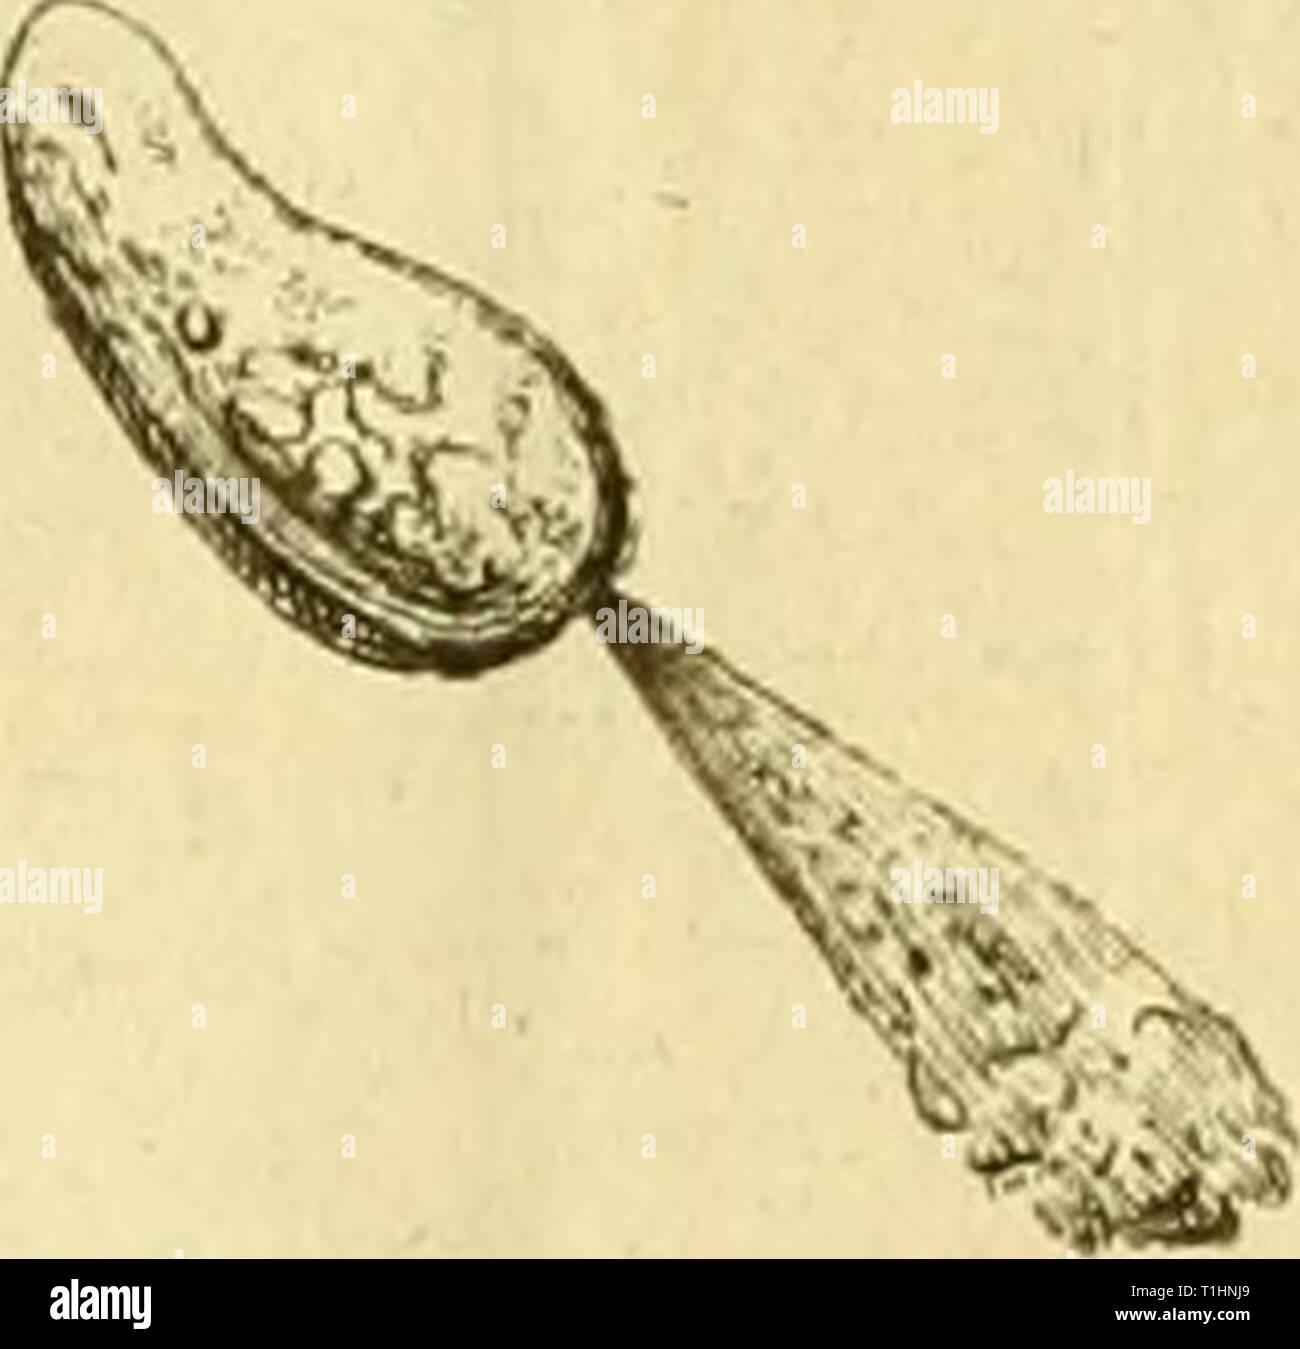 Dissertation sur la génération, les Dissertation sur la génération, les animalcules spermatiques, et ceux d'infusions, avec des observations microscopiques sur le sperme et sur différentes infusions  dissertationsurl00glei Year: 1799  Ck ennevu, tn/if e/i e&fiériefice ie U uui. ÏÏ. (cui de u/u/e flû/f'ee ottosée dîstil&e IJâifeif ouverte lyarfej j&rmdf XXL m. il i jj. NUI. ! /.    6. Stock Photo